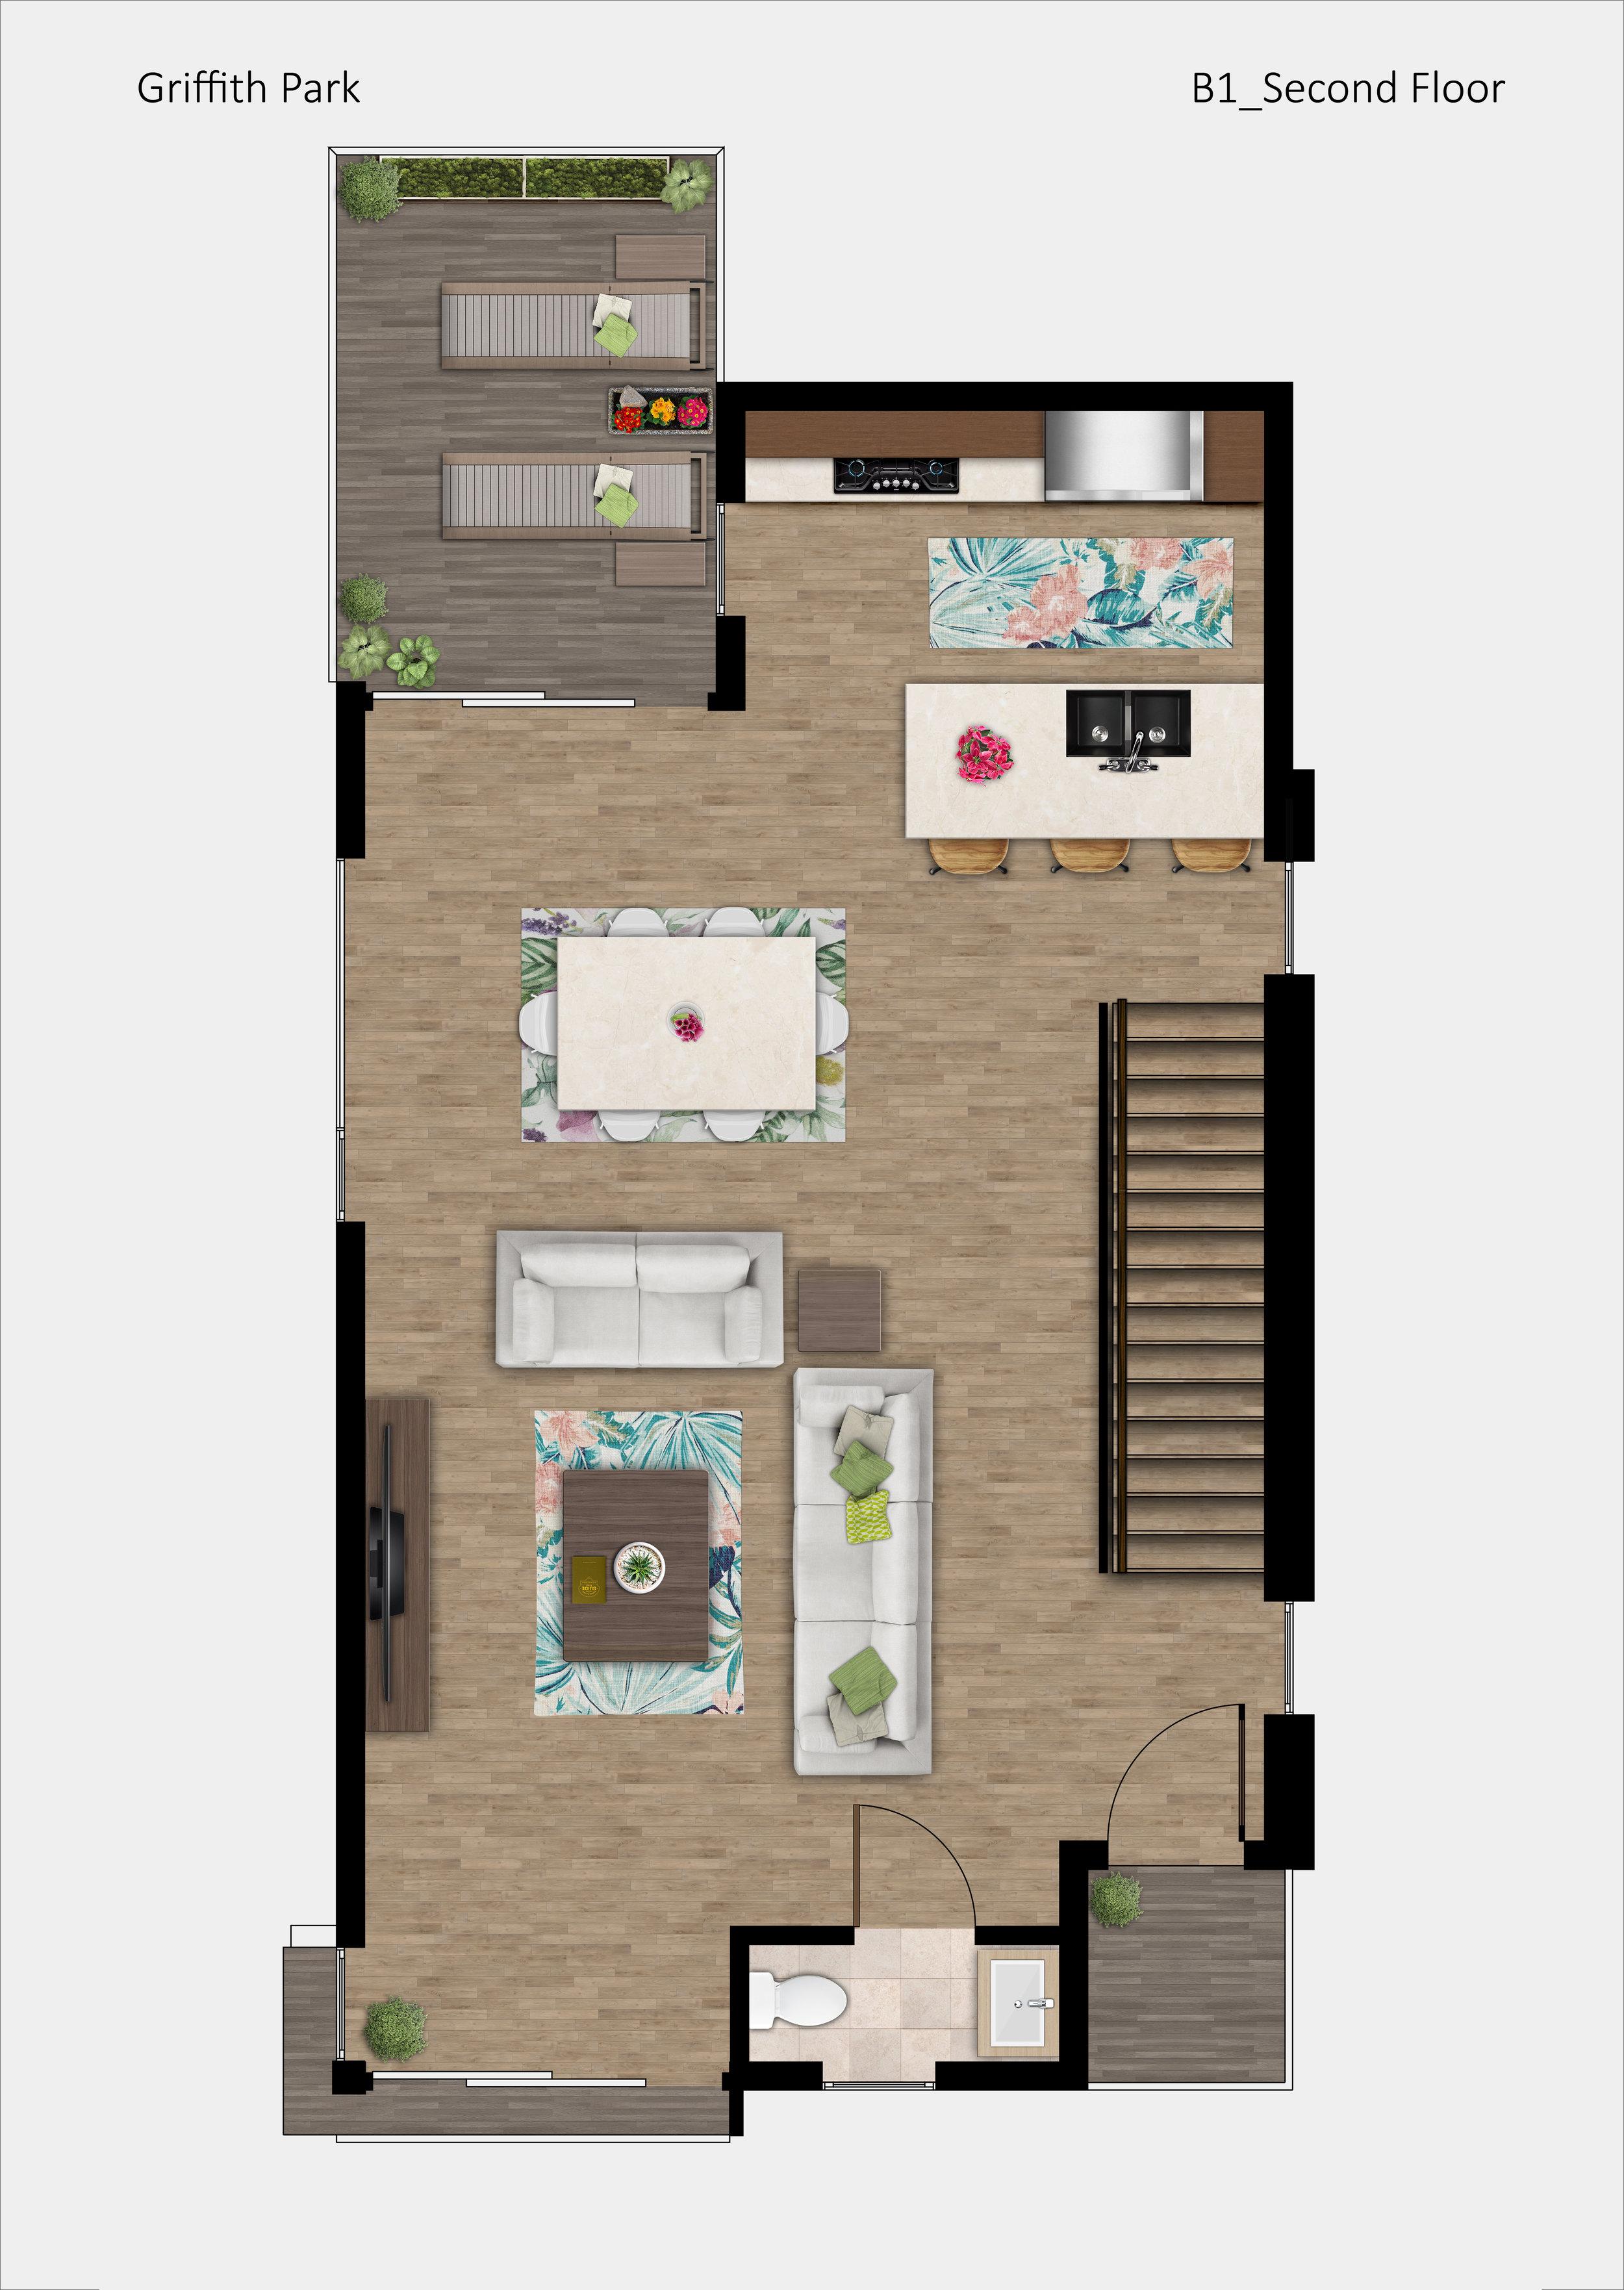 Griffith_Park_B1_Second Floor_FNL.jpg